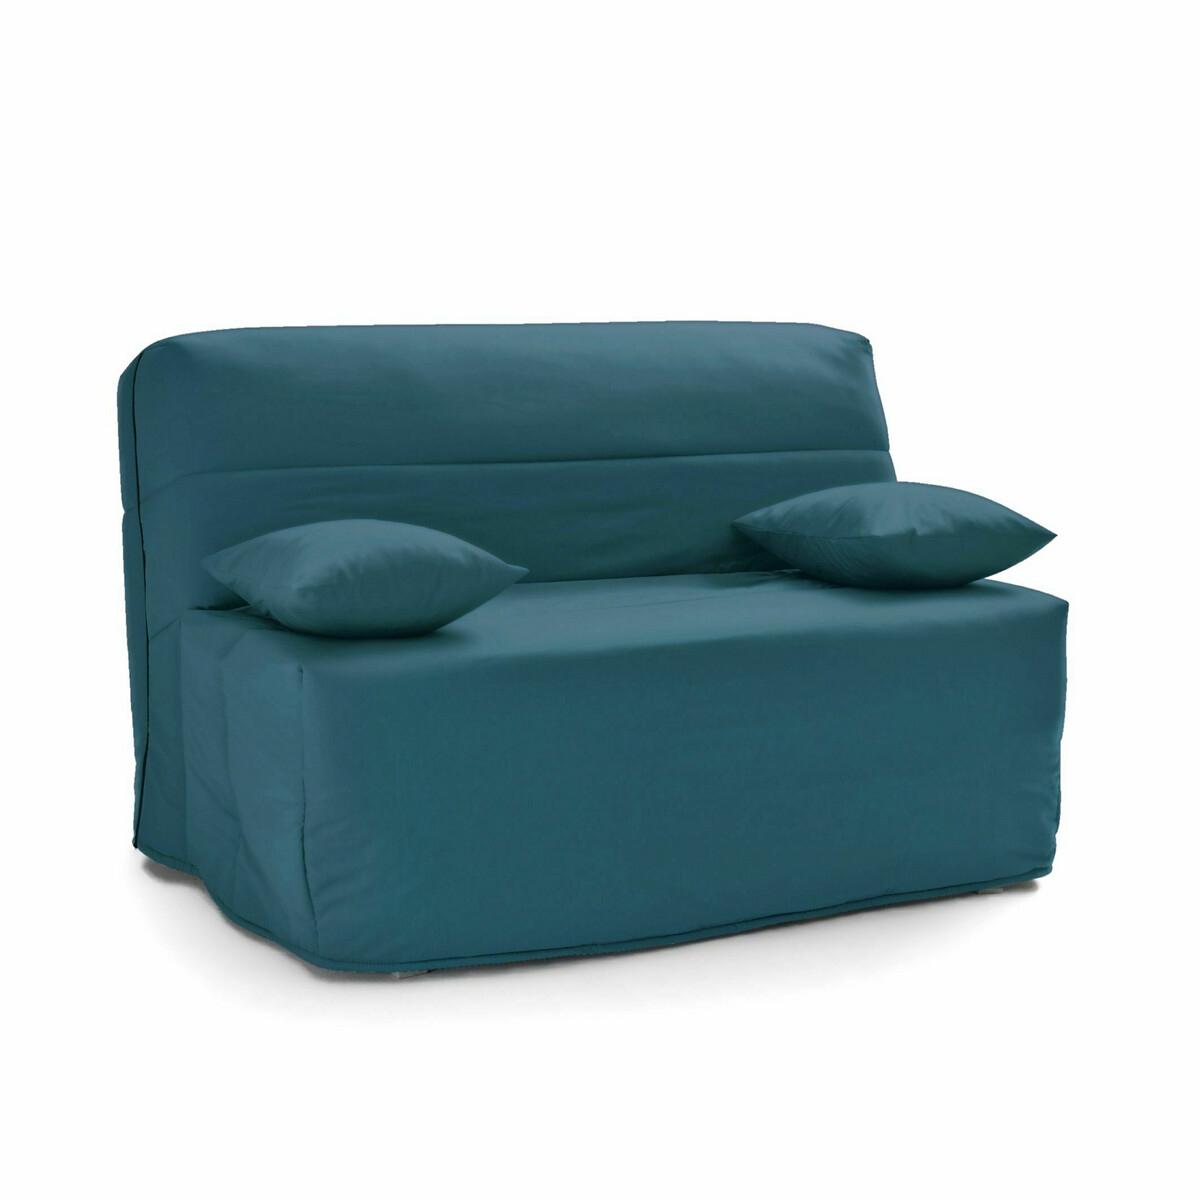 Чехол LaRedoute Для дивана 3 варианта размера дивана 1 Д93хВ89хГ99 2Д140хВ94х110 3Д170хВ94х110 90 x 190 см синий